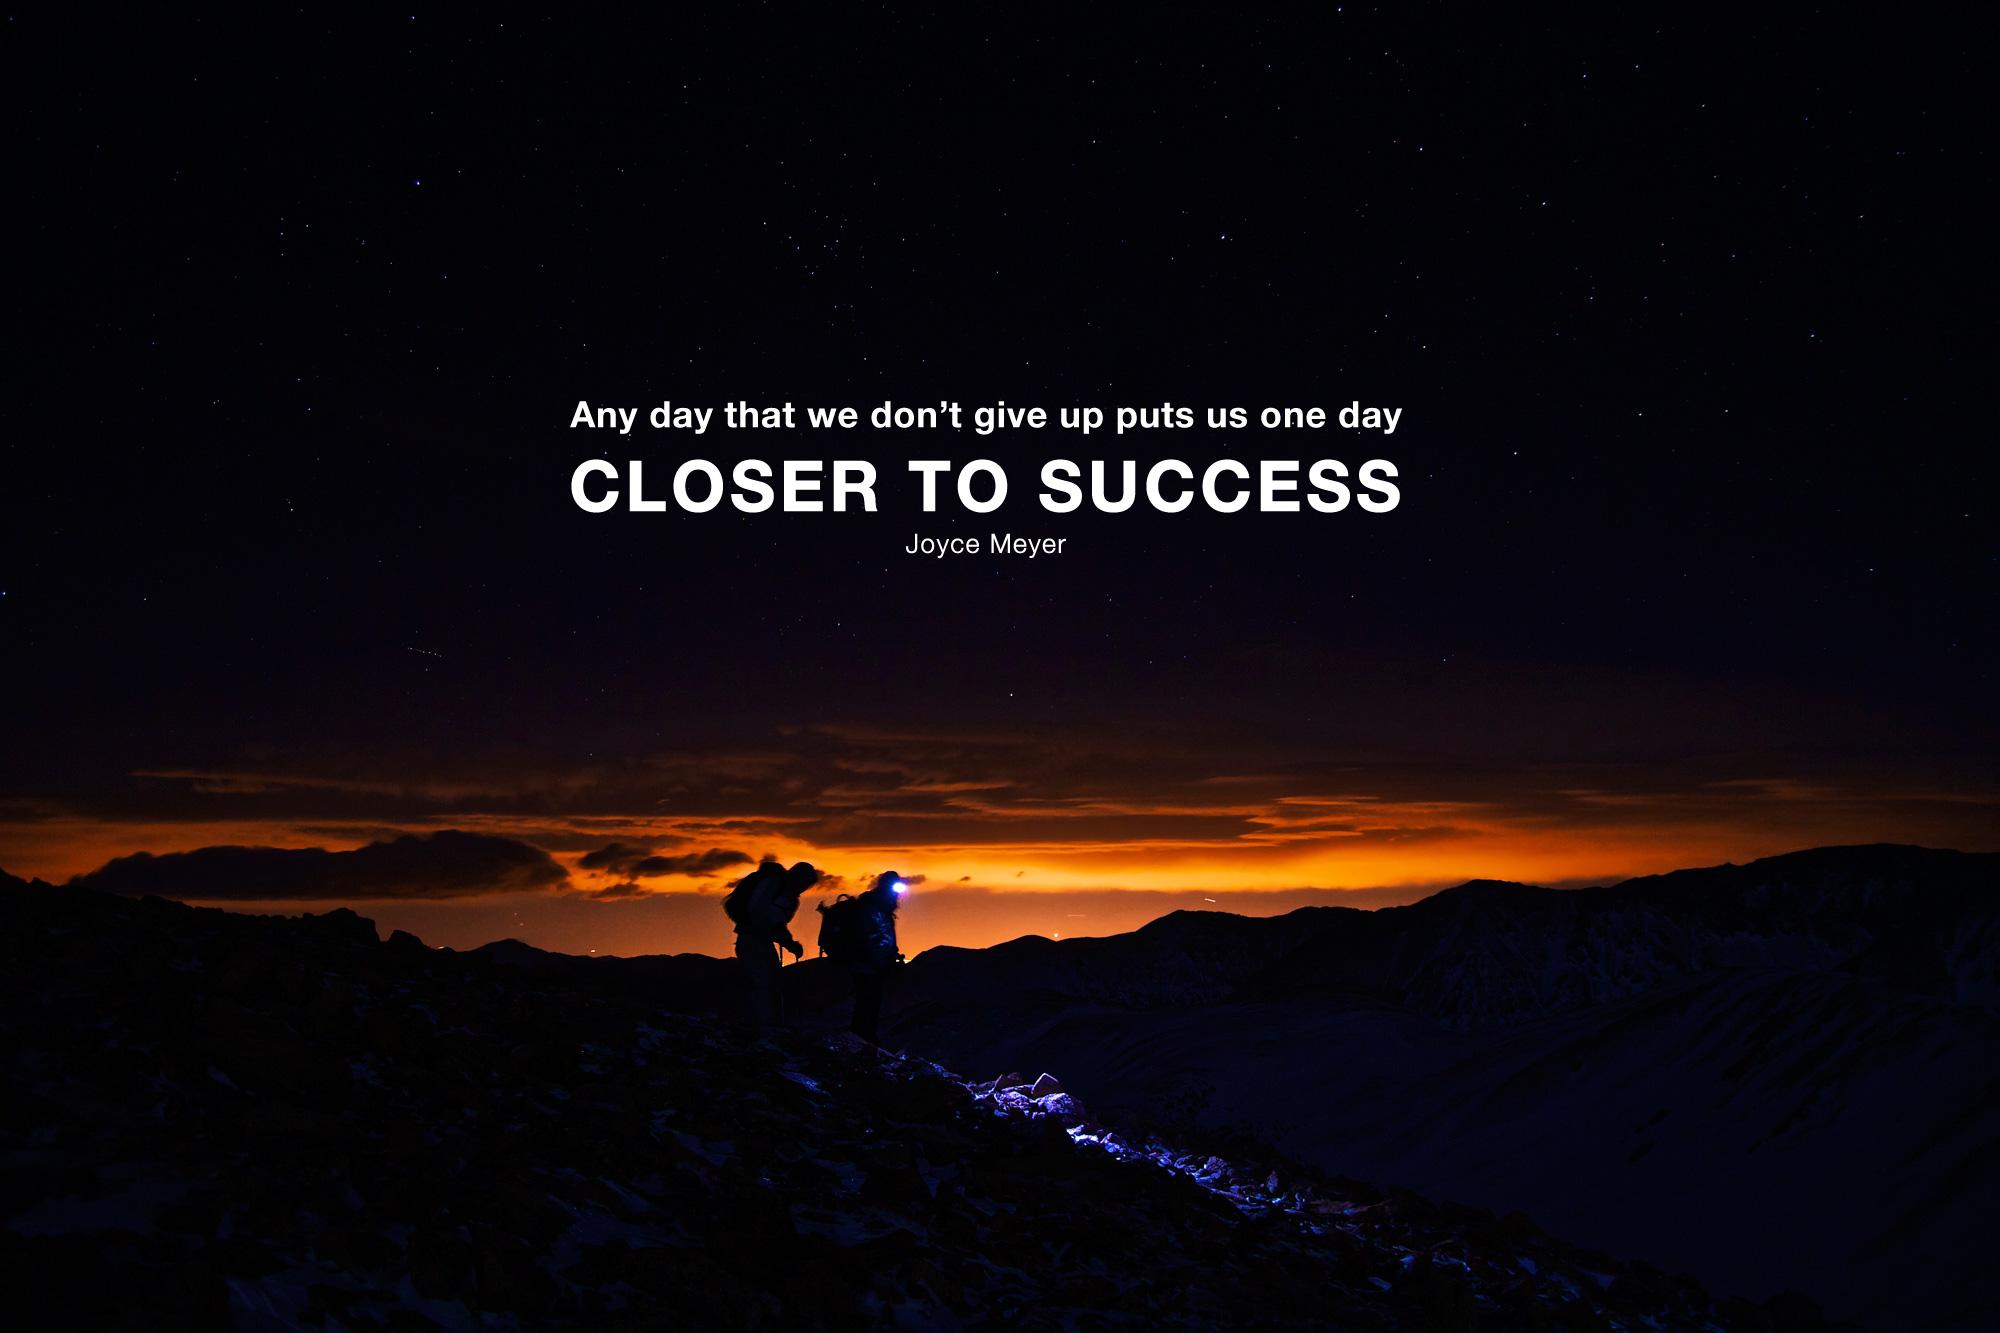 Success Motivation Hike Photo by Zach Dischner